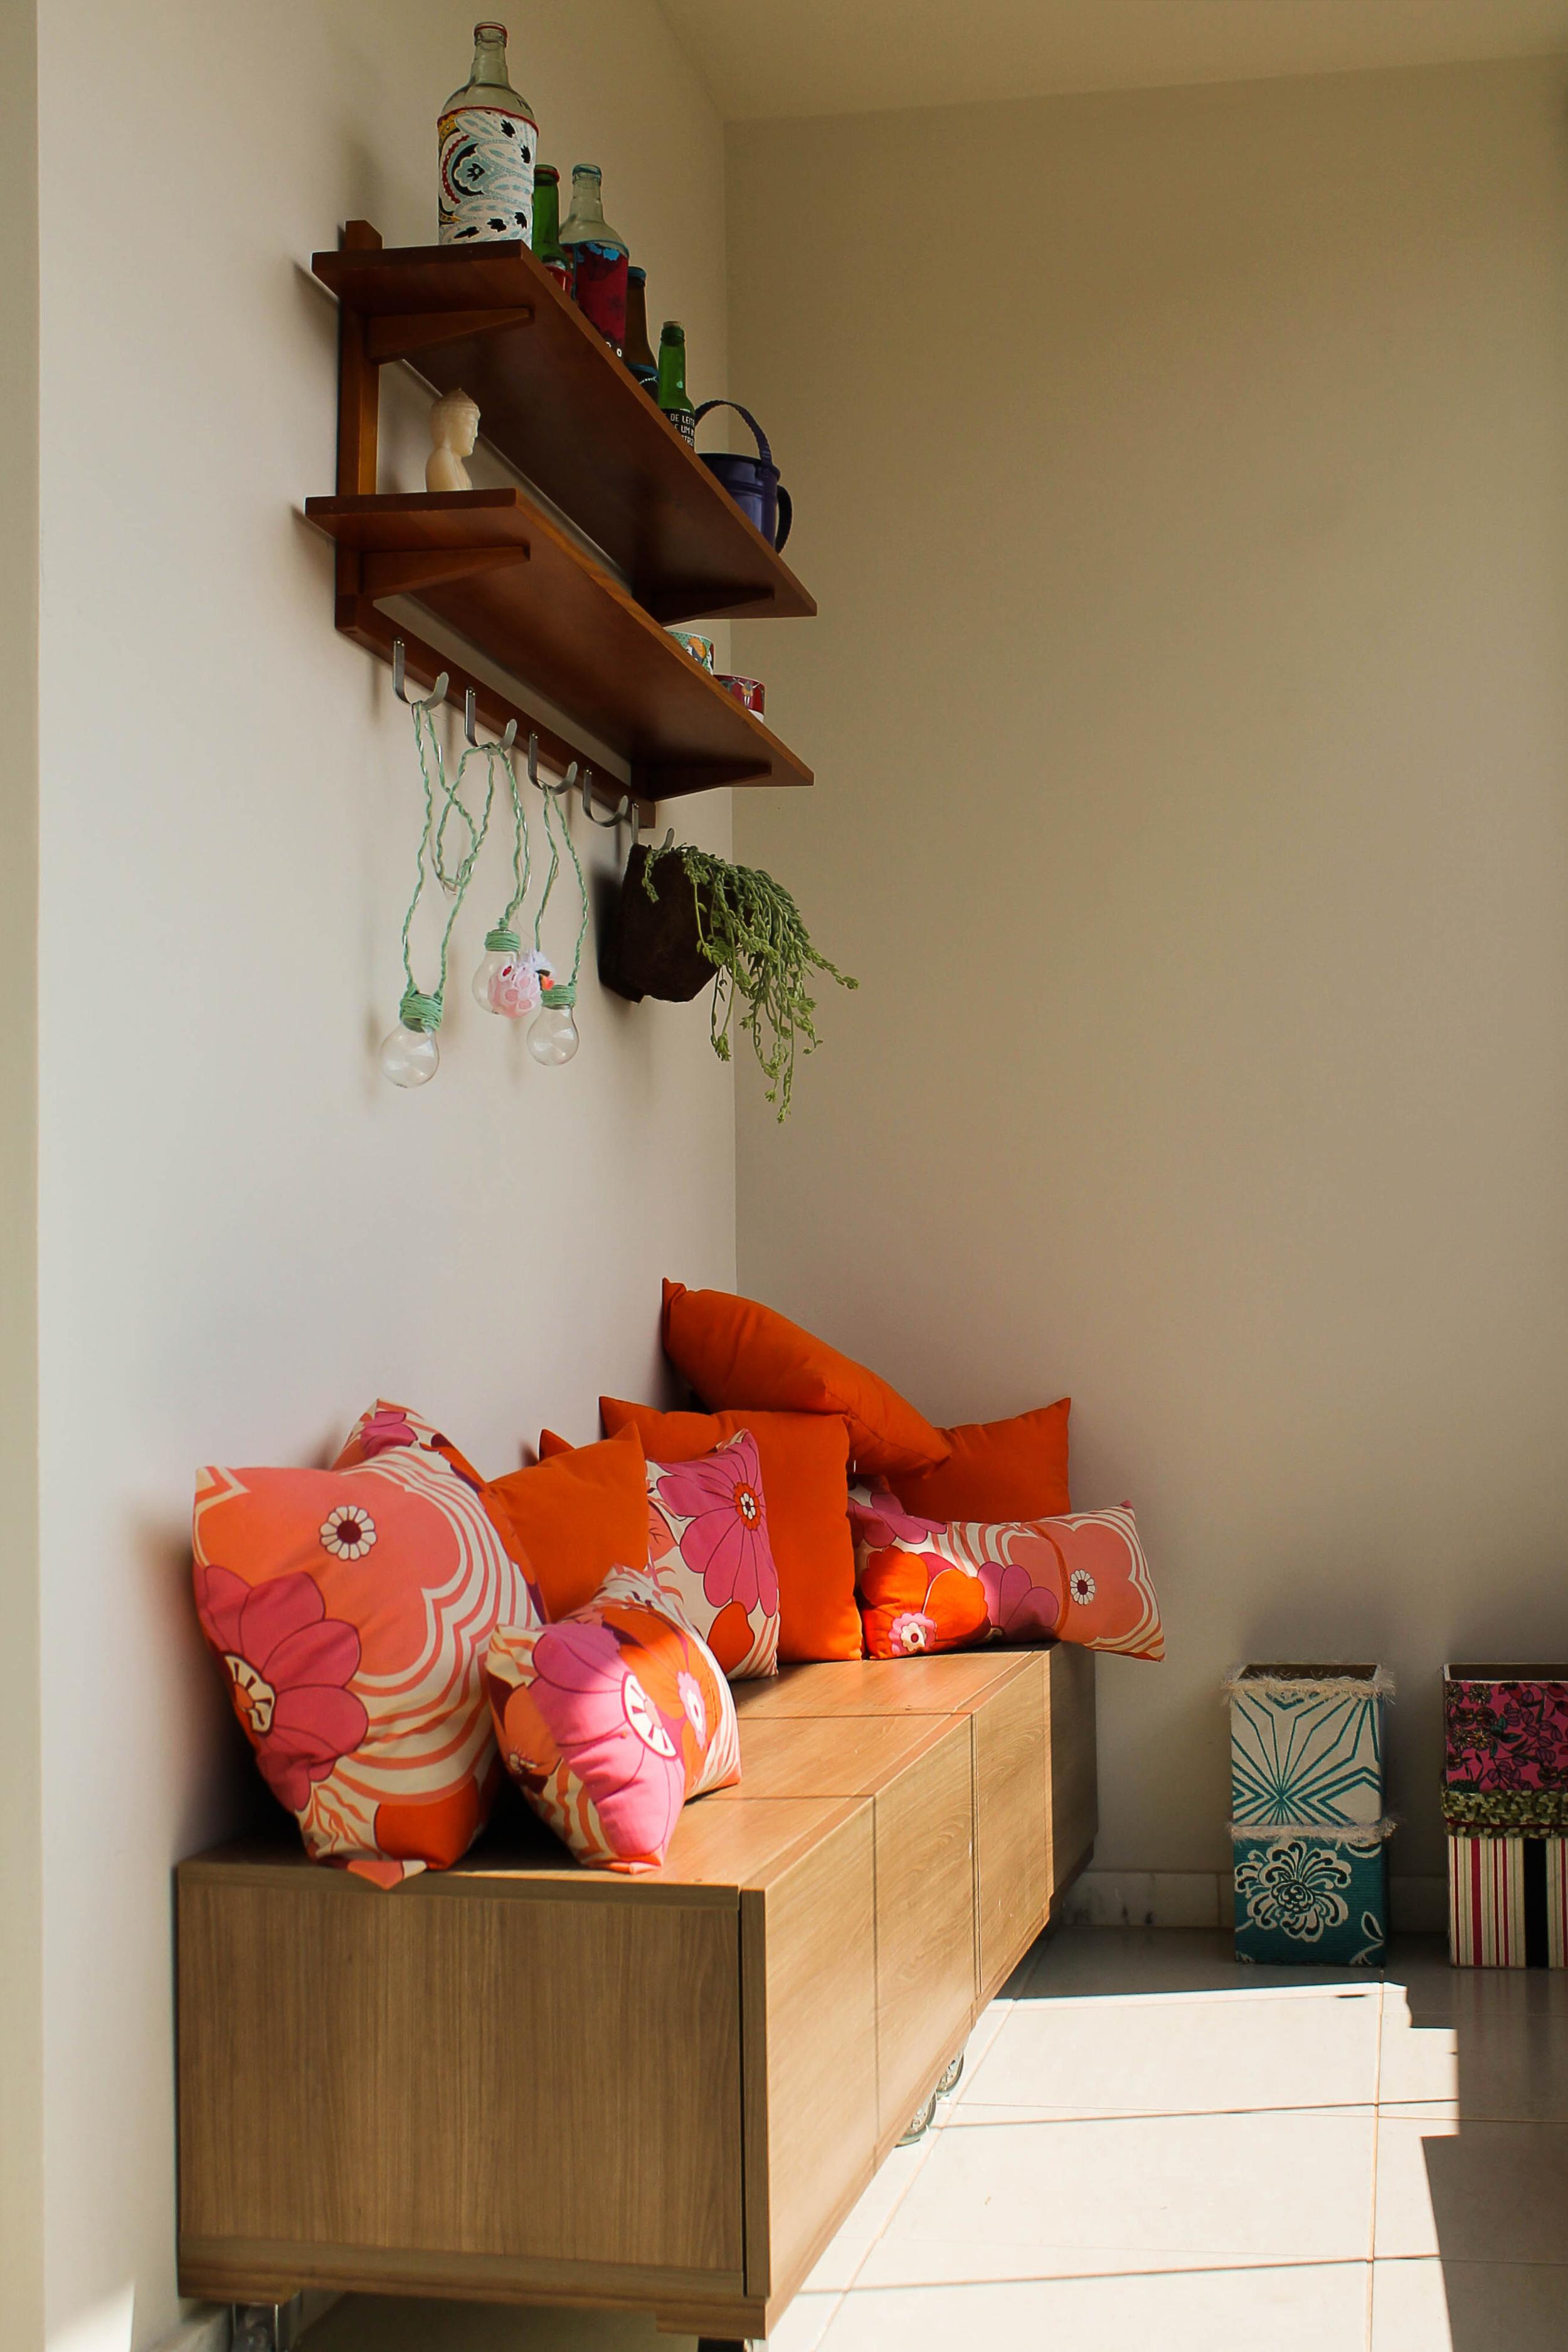 O caixote-banco da varanda foi feito a partir de madeira aproveitada de outros móveis.